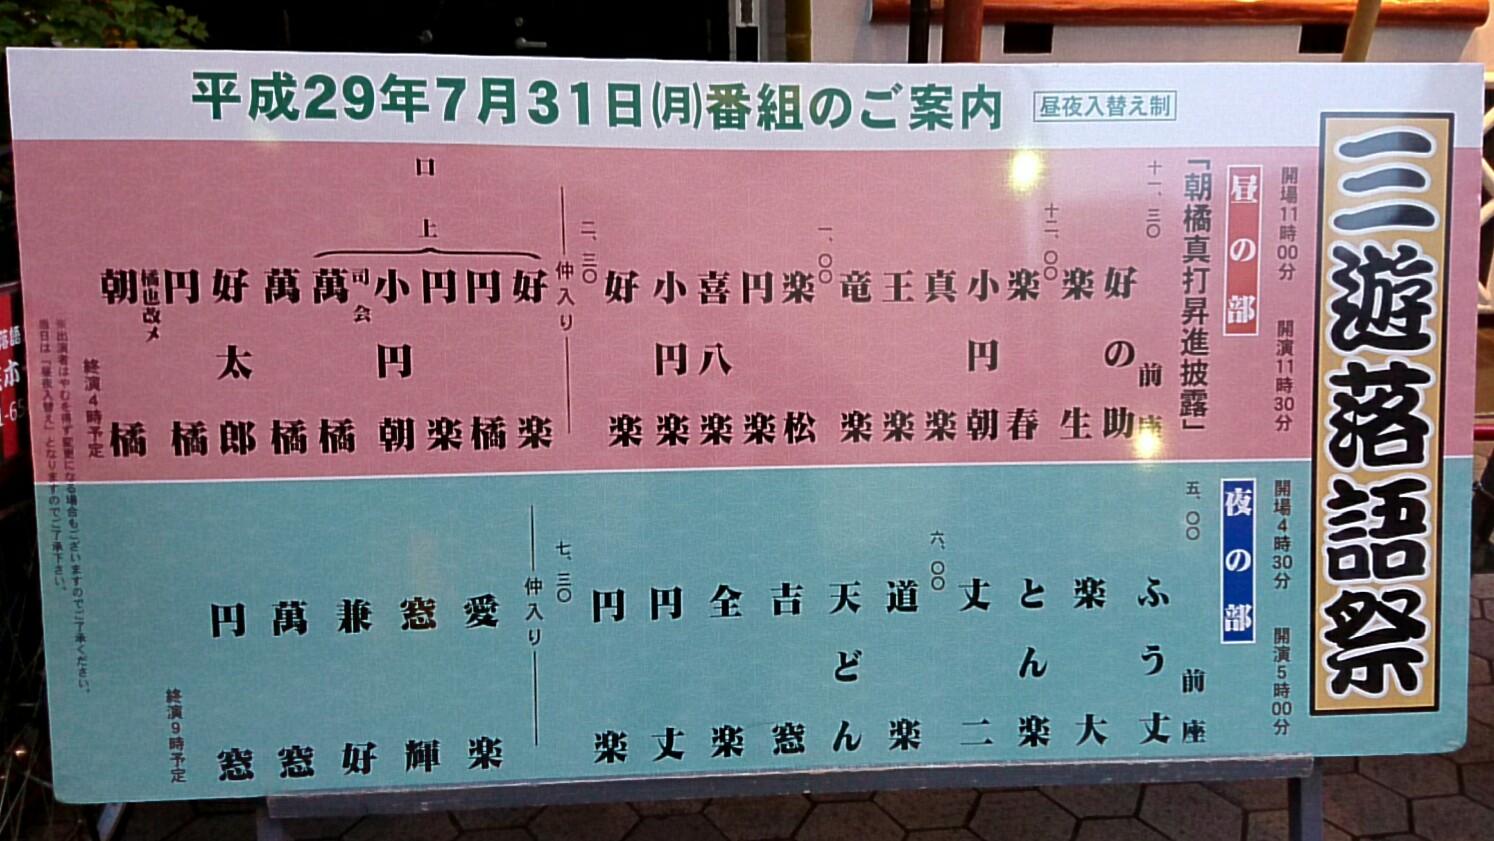 「三遊落語祭」の看板